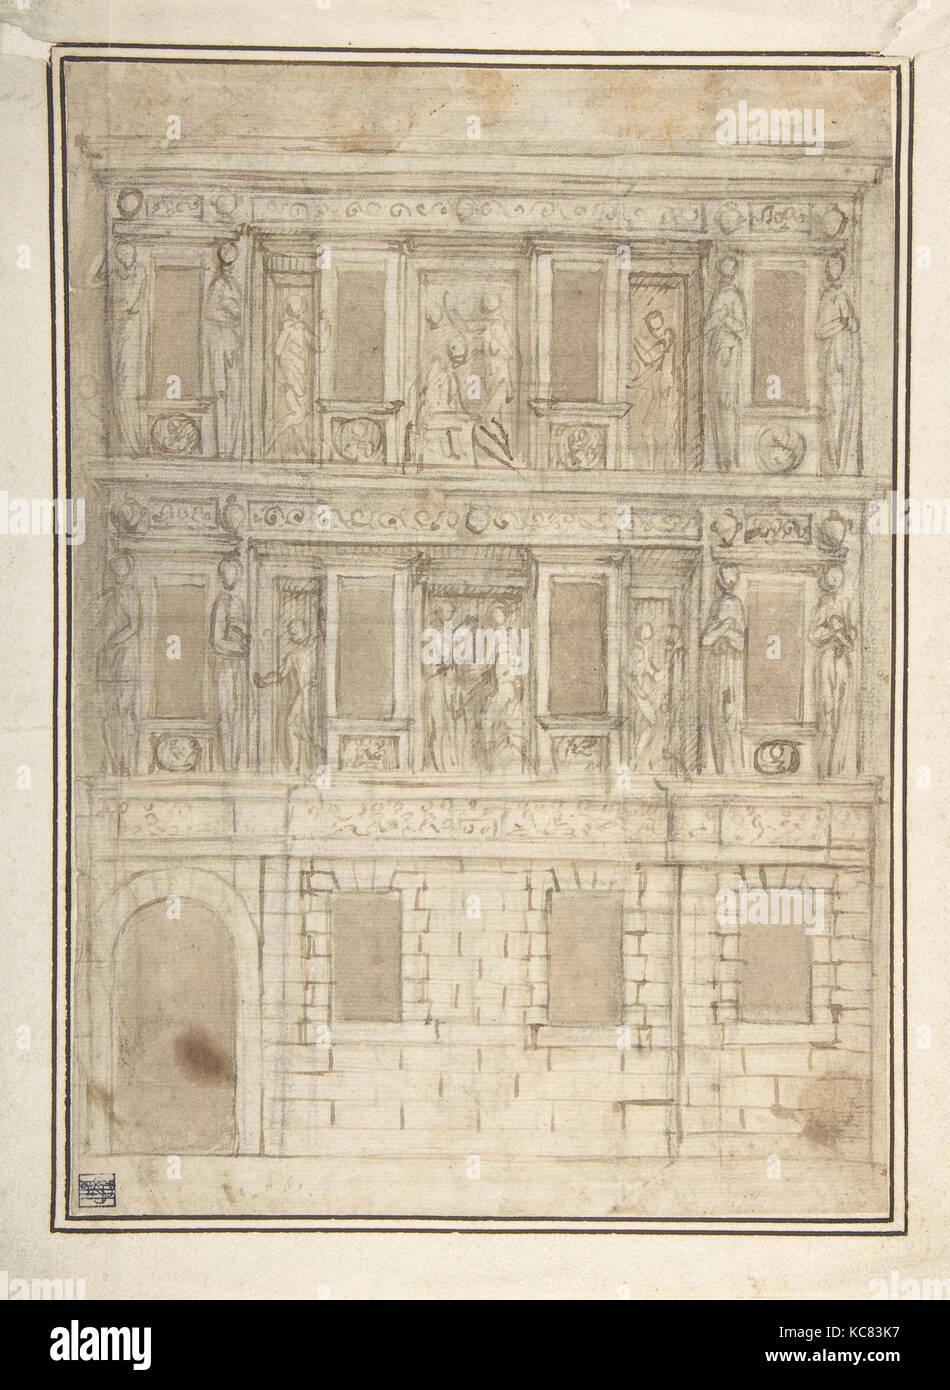 Project For A Façade Decoration (recto); Architectural Studies (verso),  Attributed To Lattanzio Gambara, 16th Century